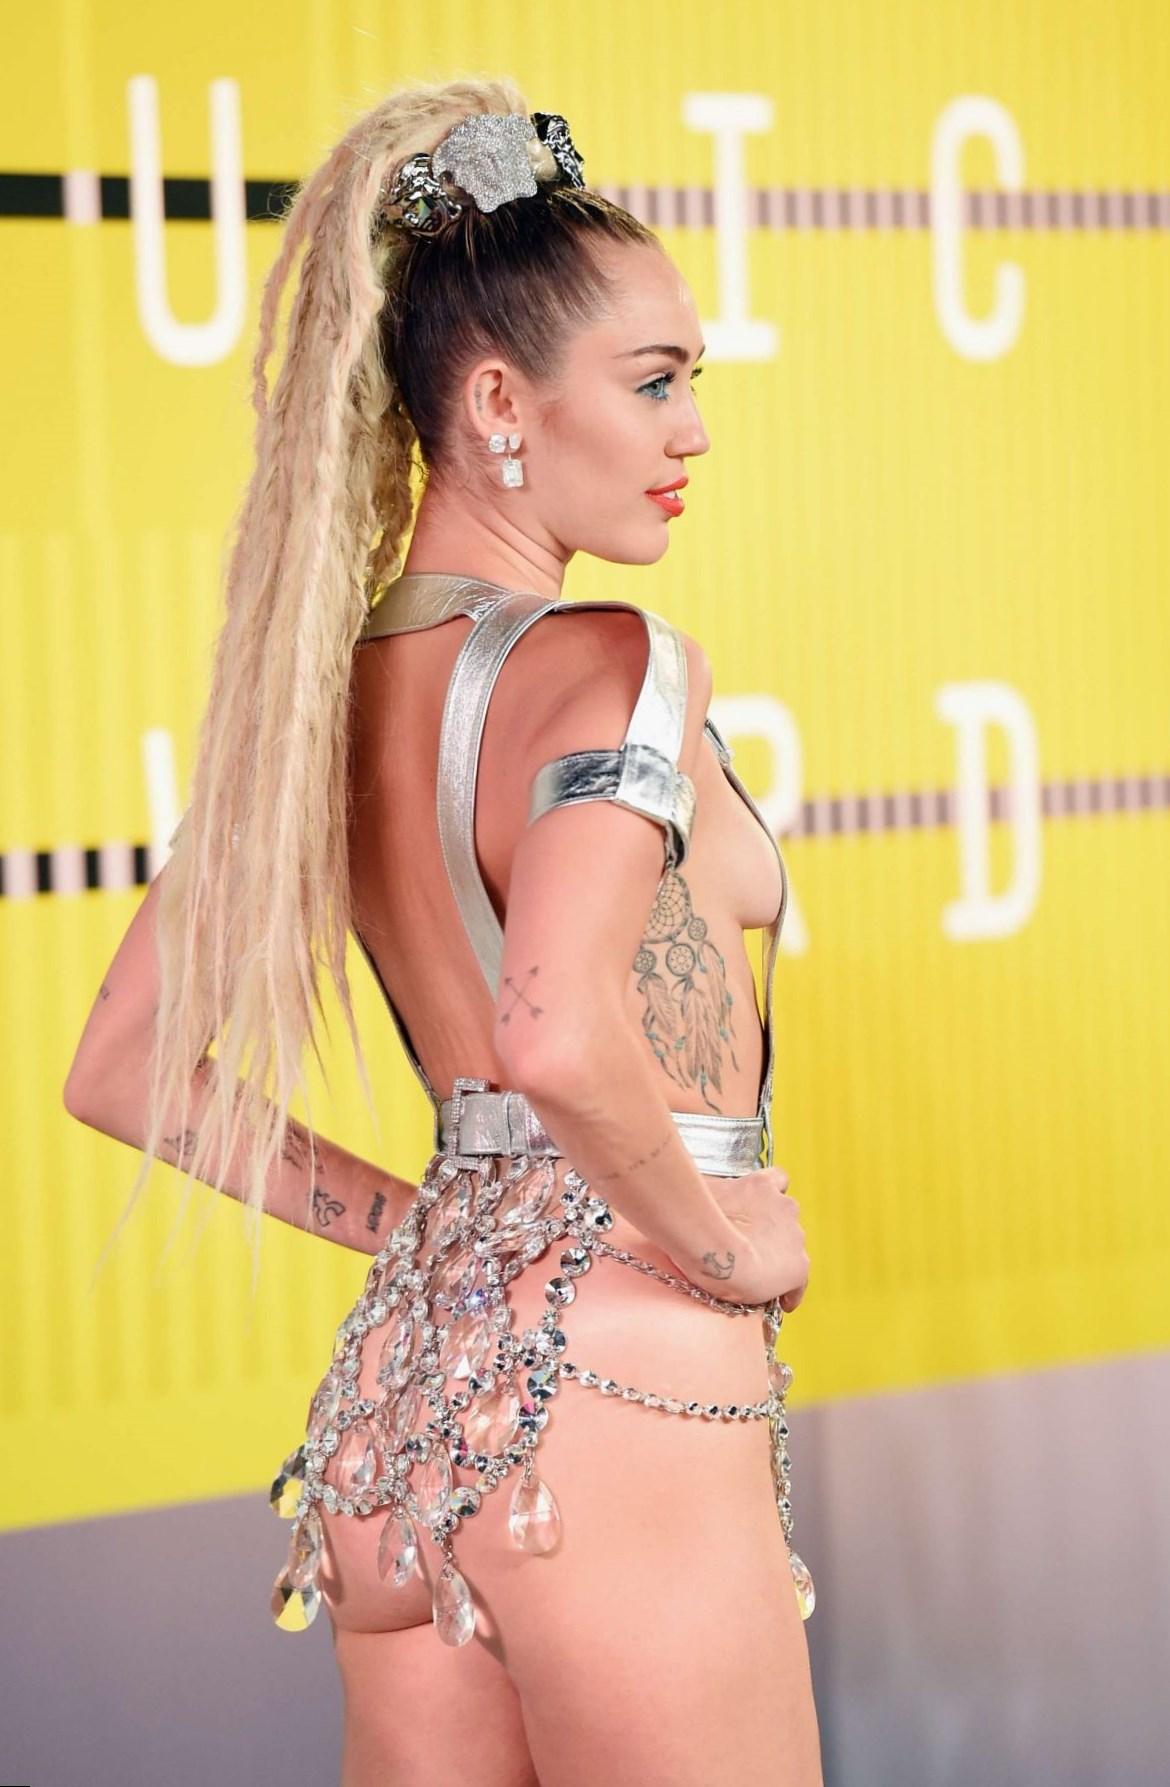 Semi Nacktfotos von Miley Cyrus